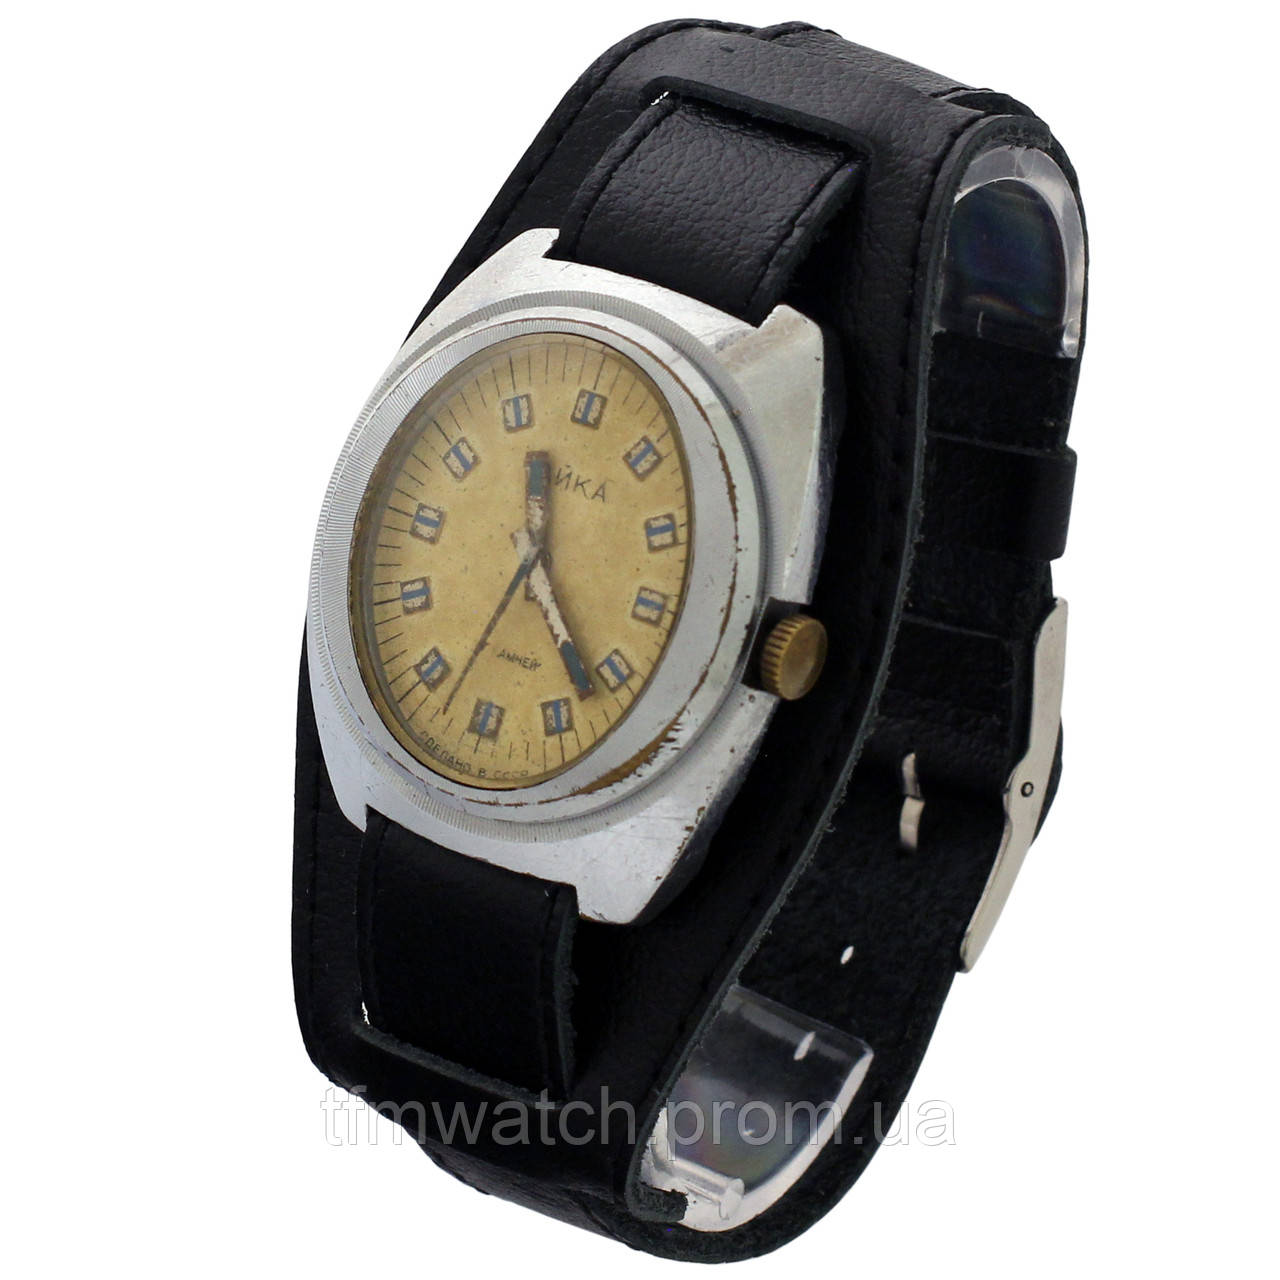 Ссср стоимость в чайка сделано часы часов алматы выкуп